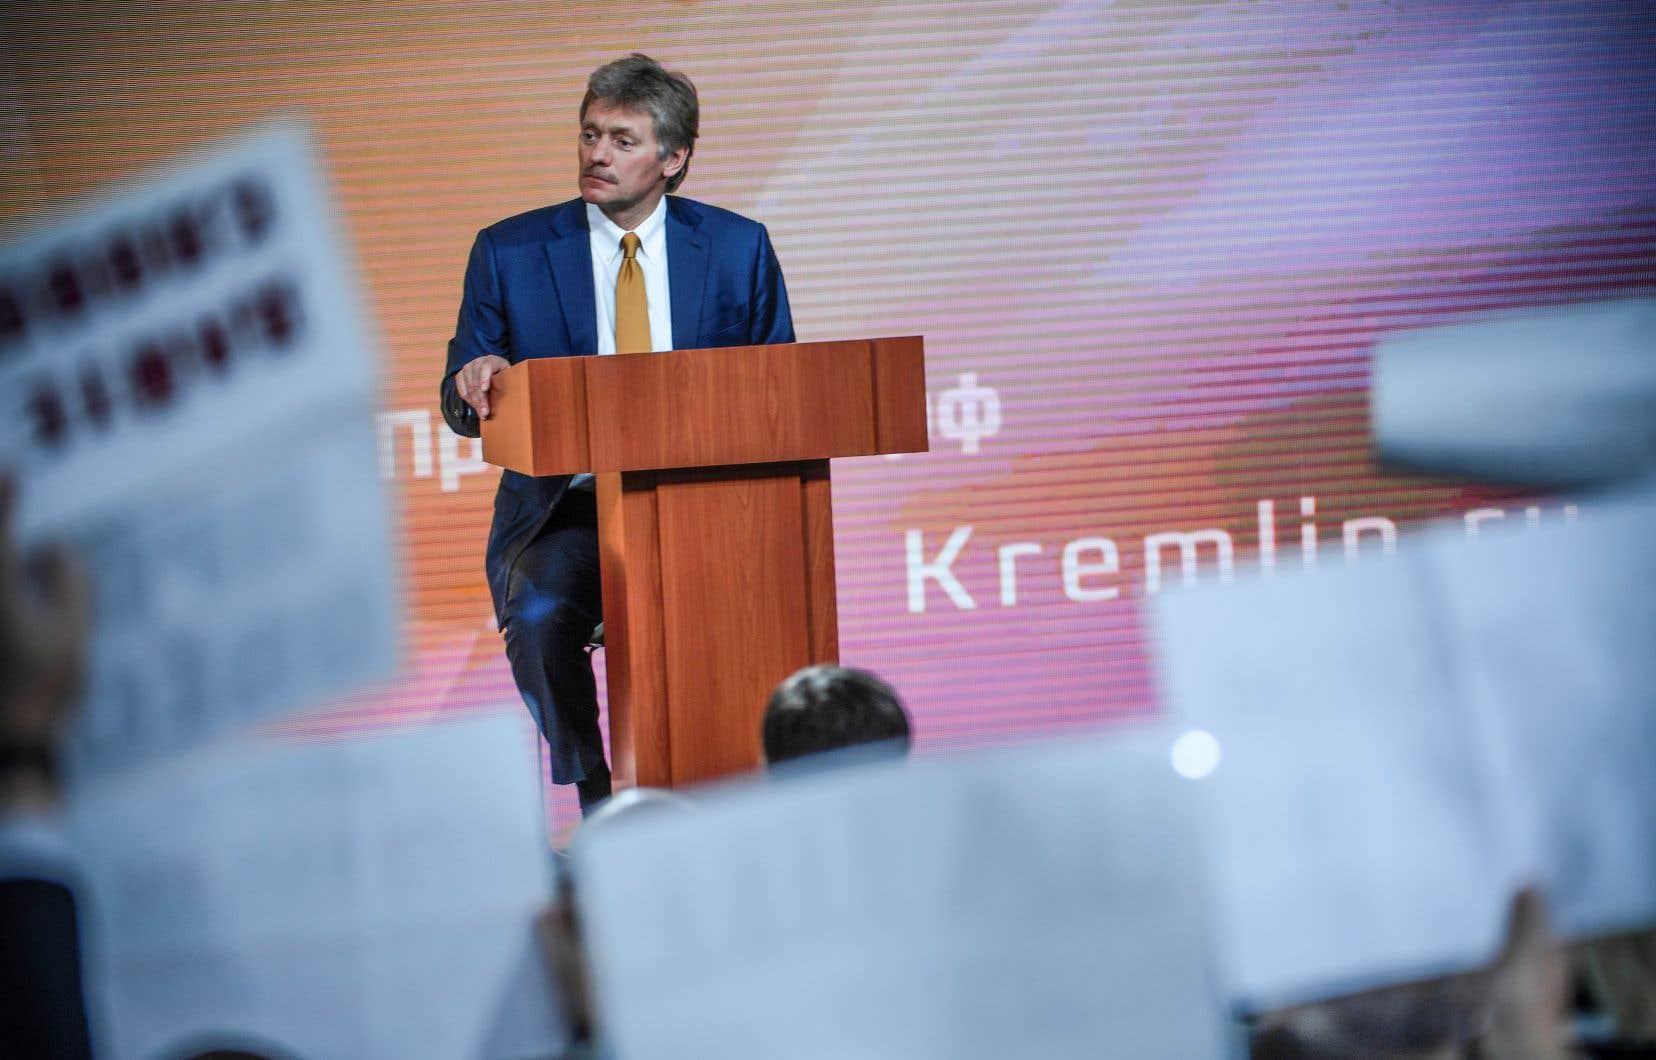 Le porte-parole du Kremlin, Dmitri Peskov, s'est dit prêt à coopérer sur la question du dopage.